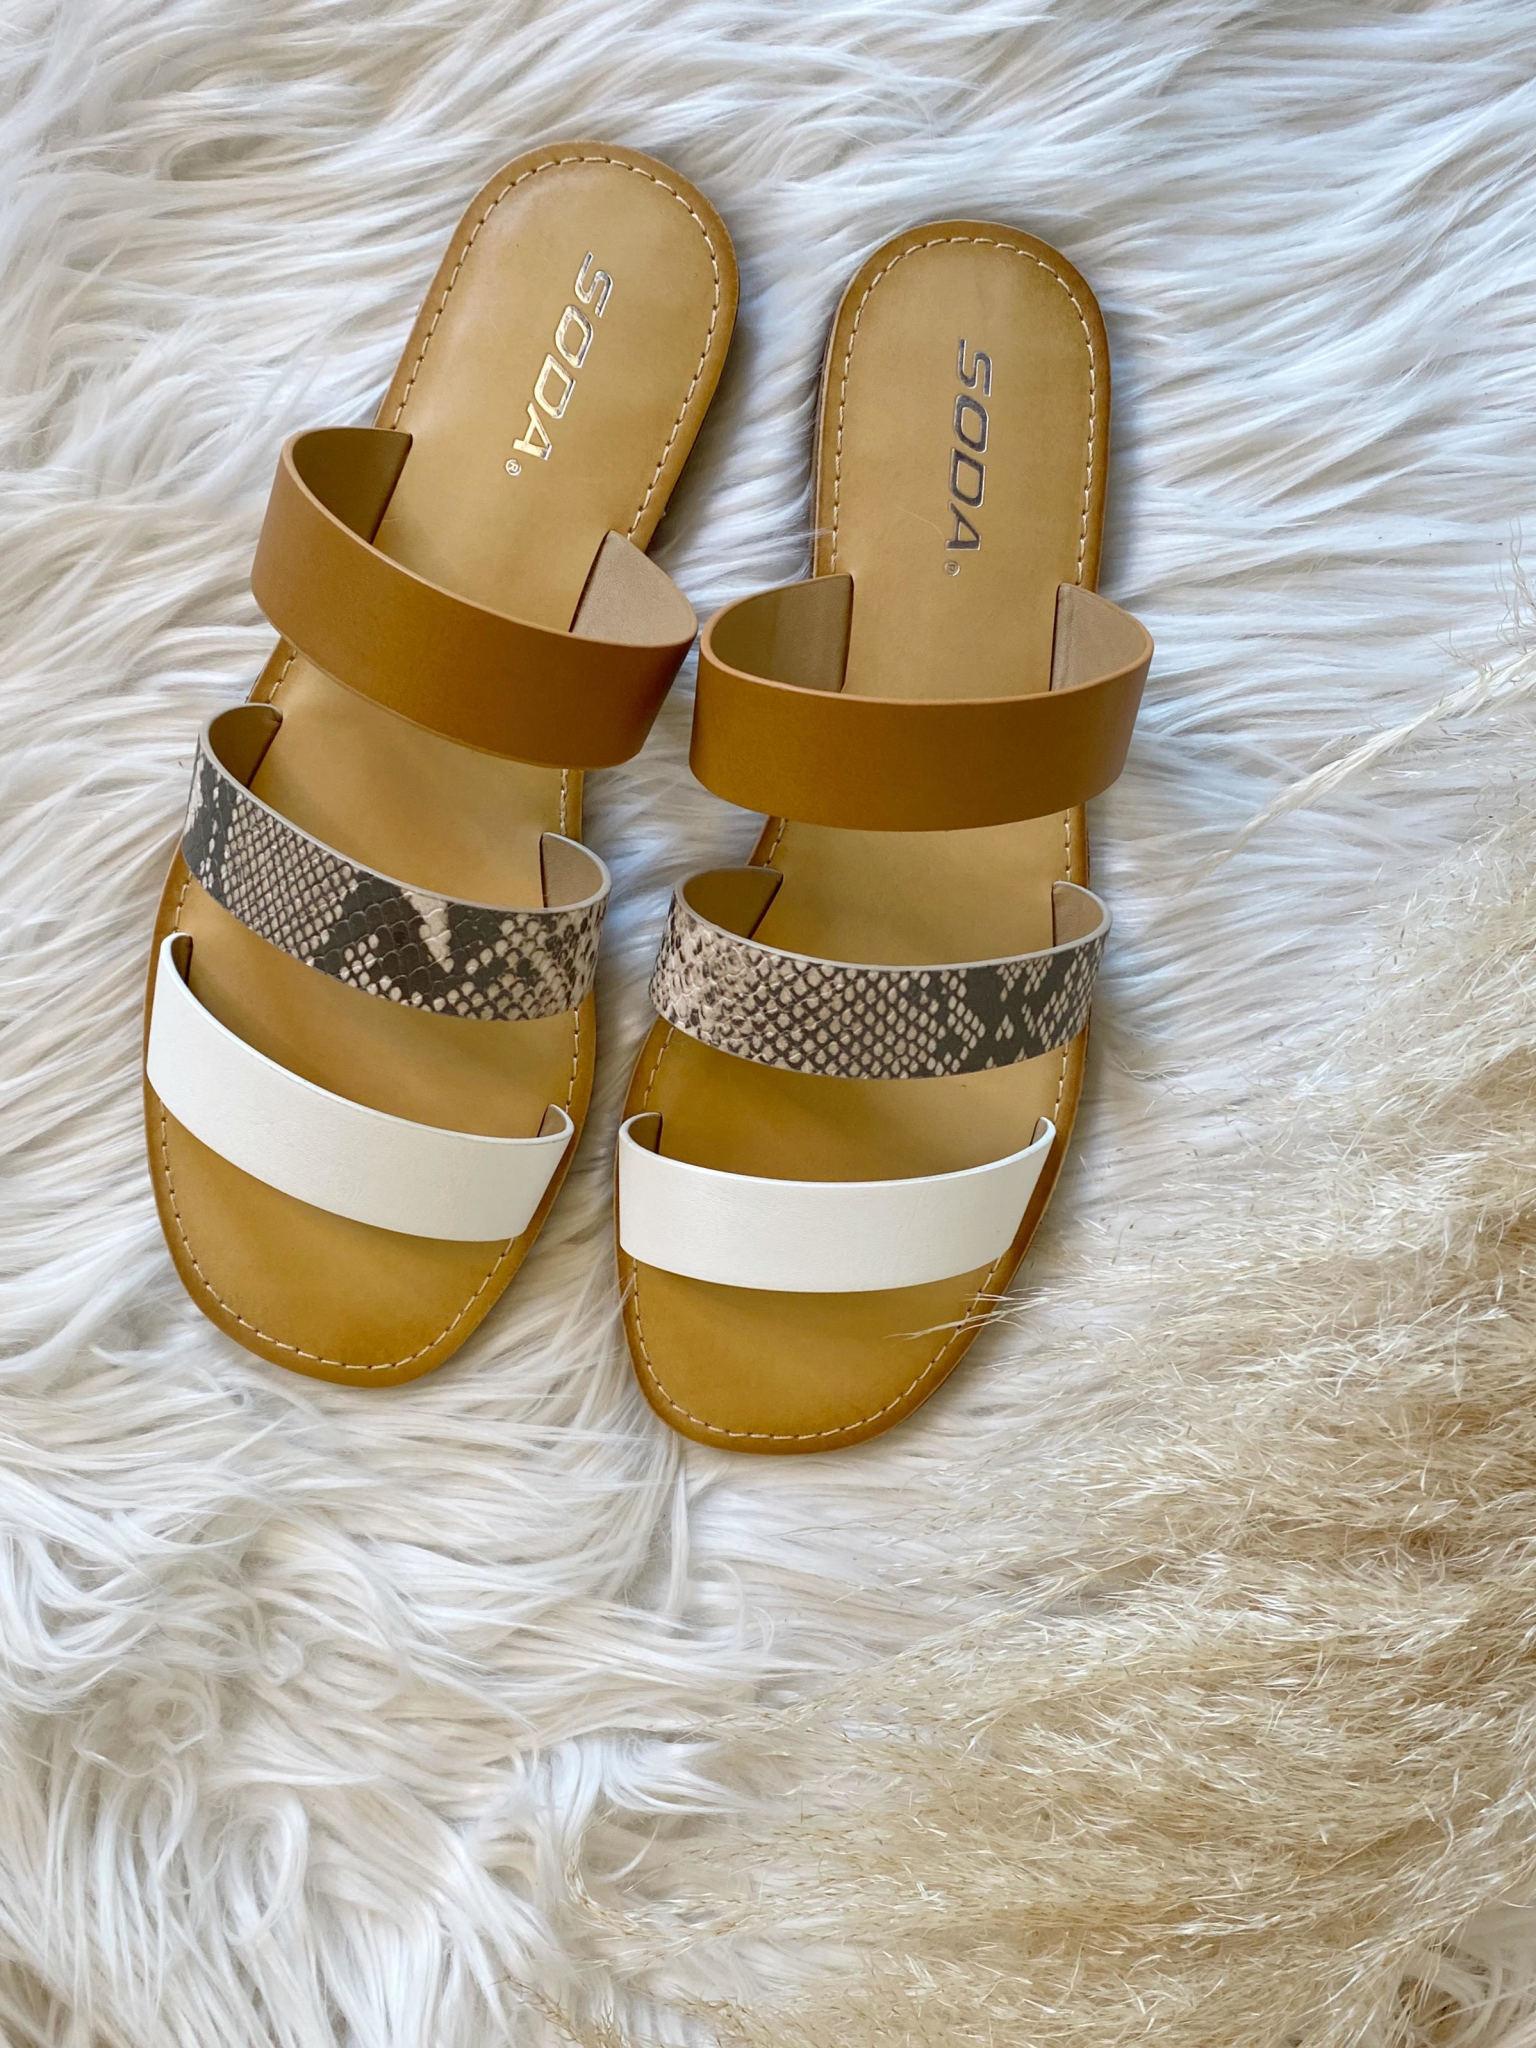 Gianna Snakeskin Sandal